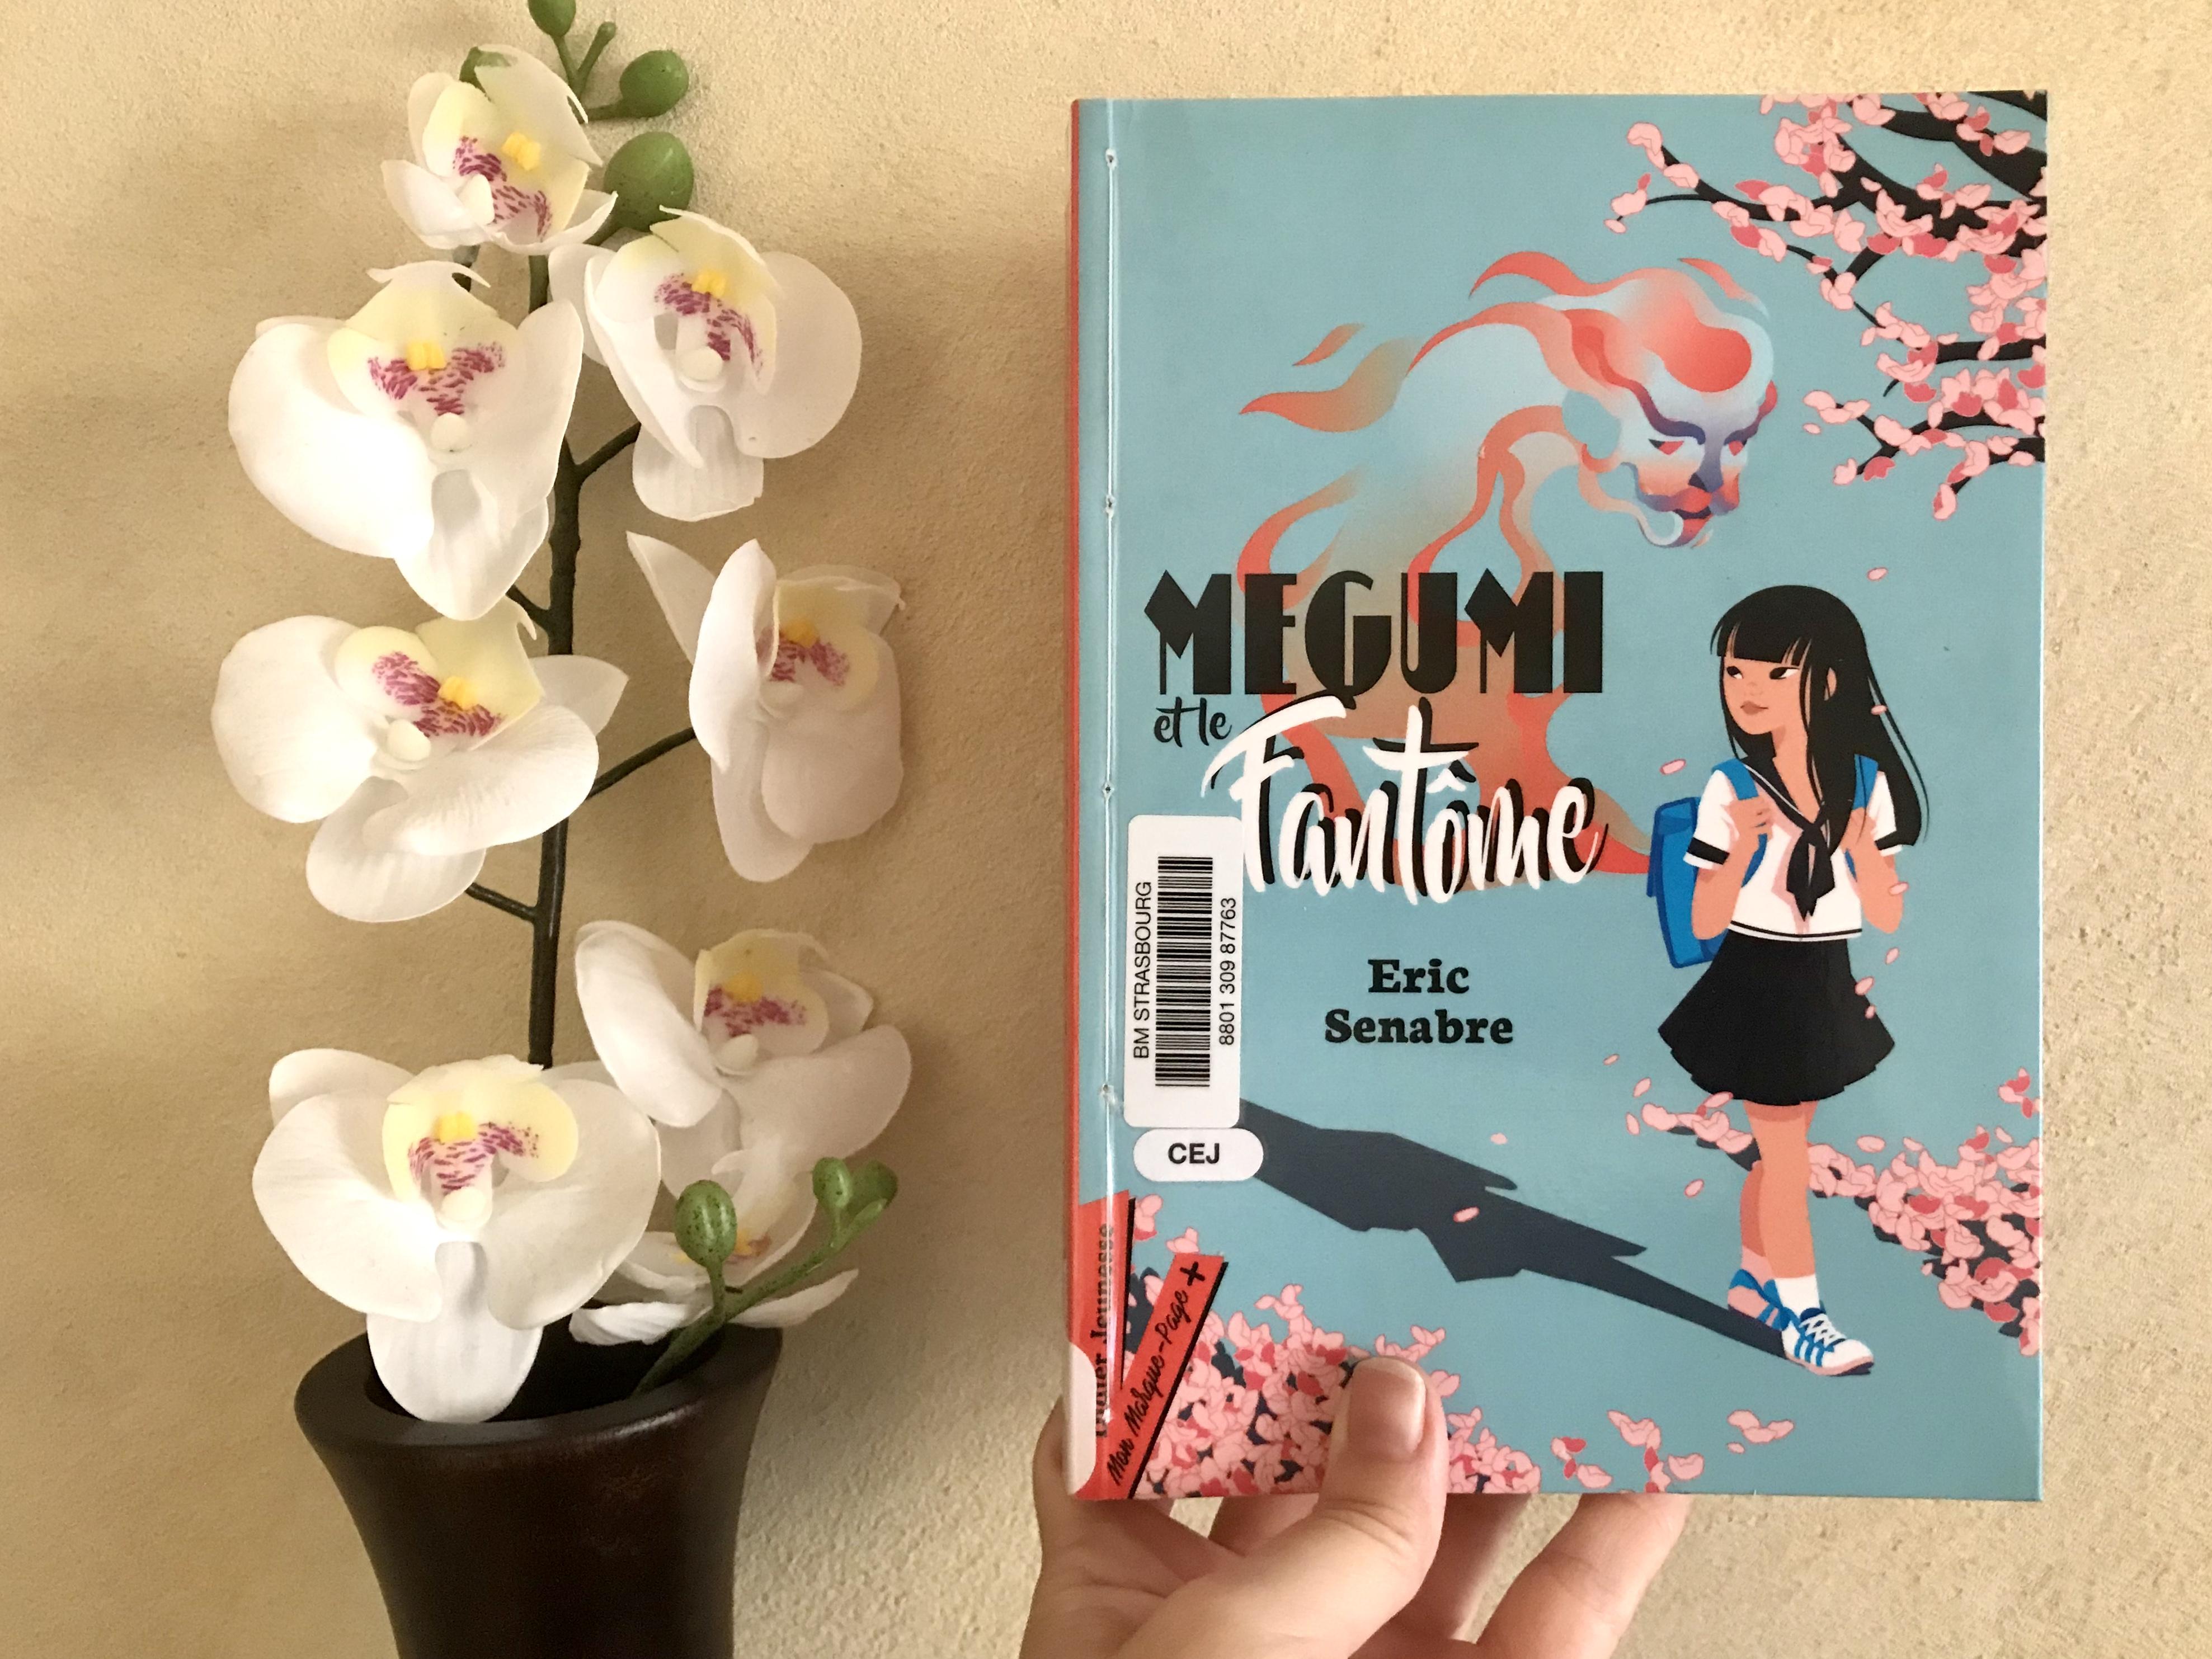 Megumi-et-le-fantôme